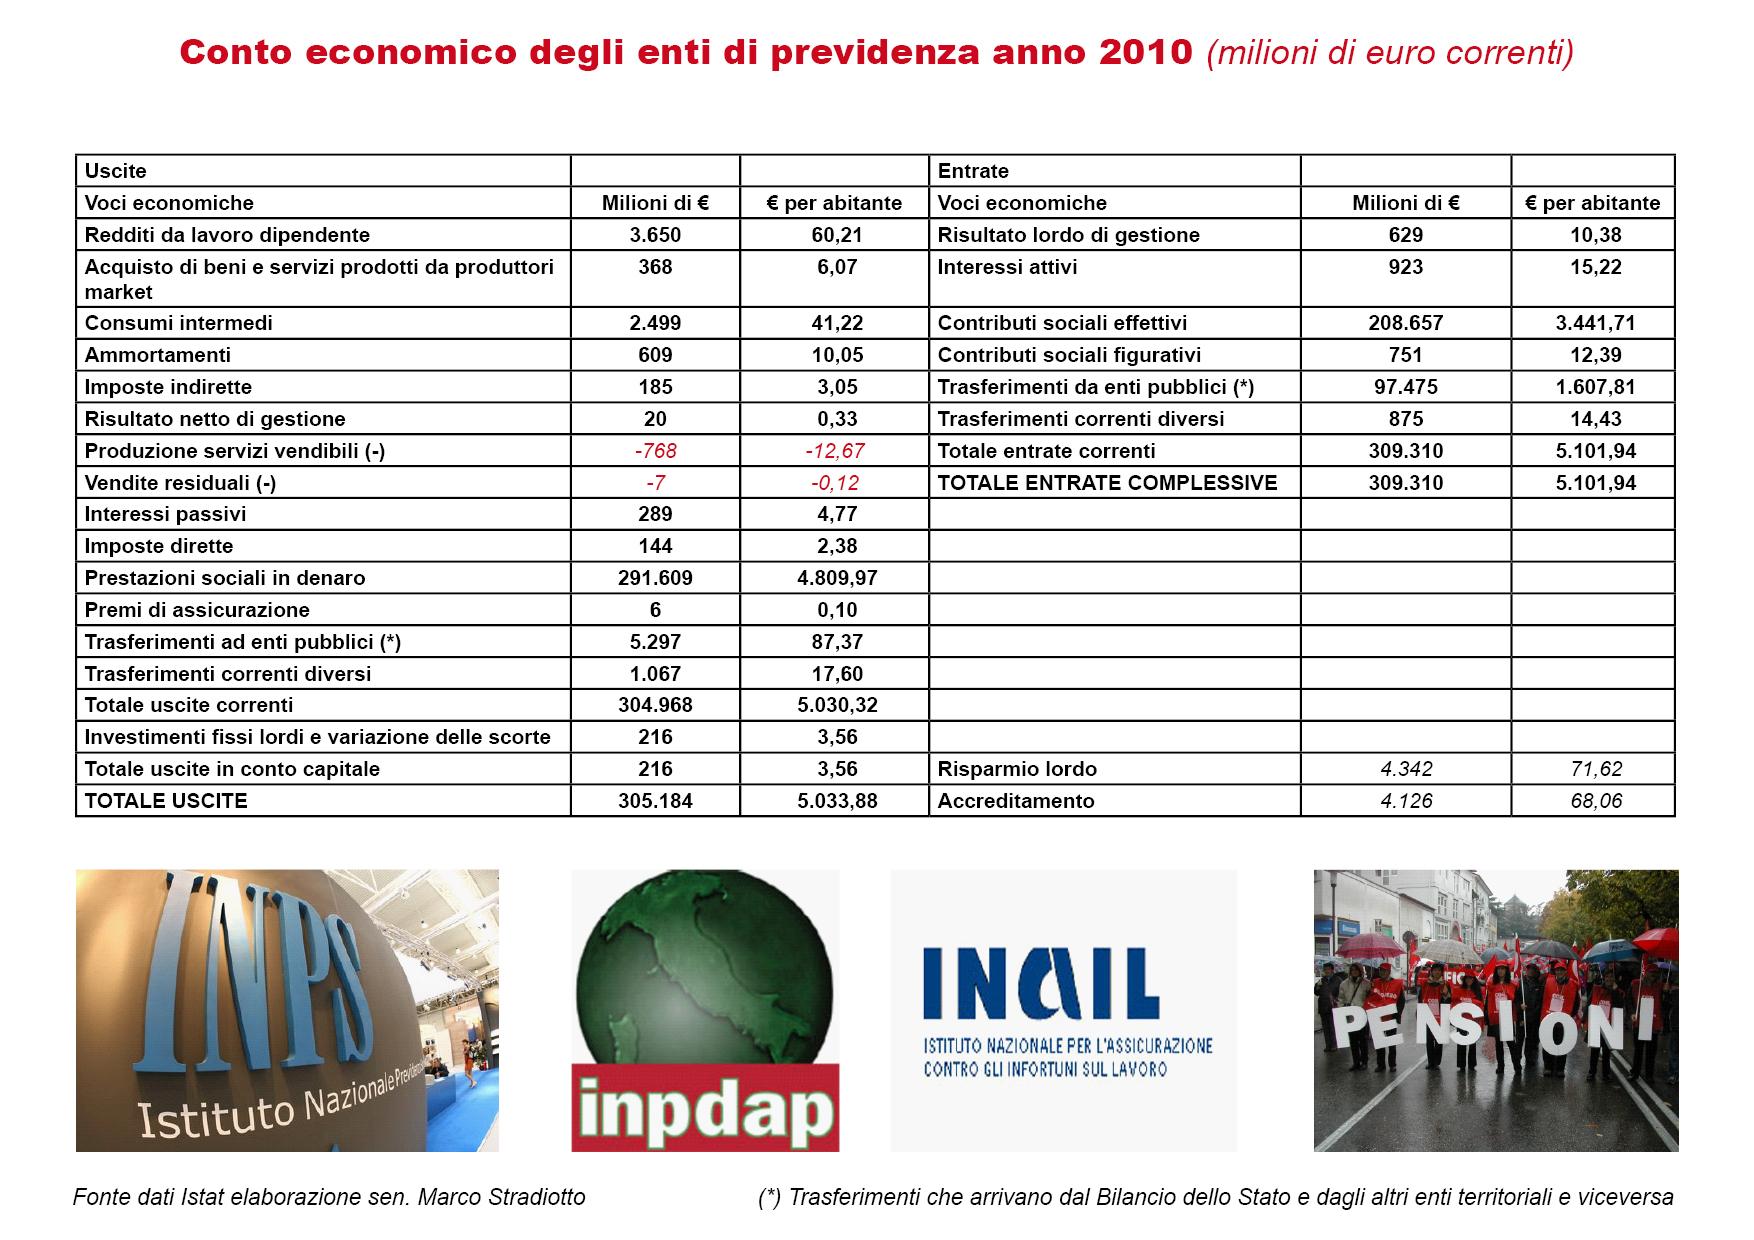 LA SPESA DEGLI ENTI PREVIDENZIALI: OGNI 10 EURO DI SPESA PUBBLICA 3,8 € SONO DESTINATI ALLE PENSIONI